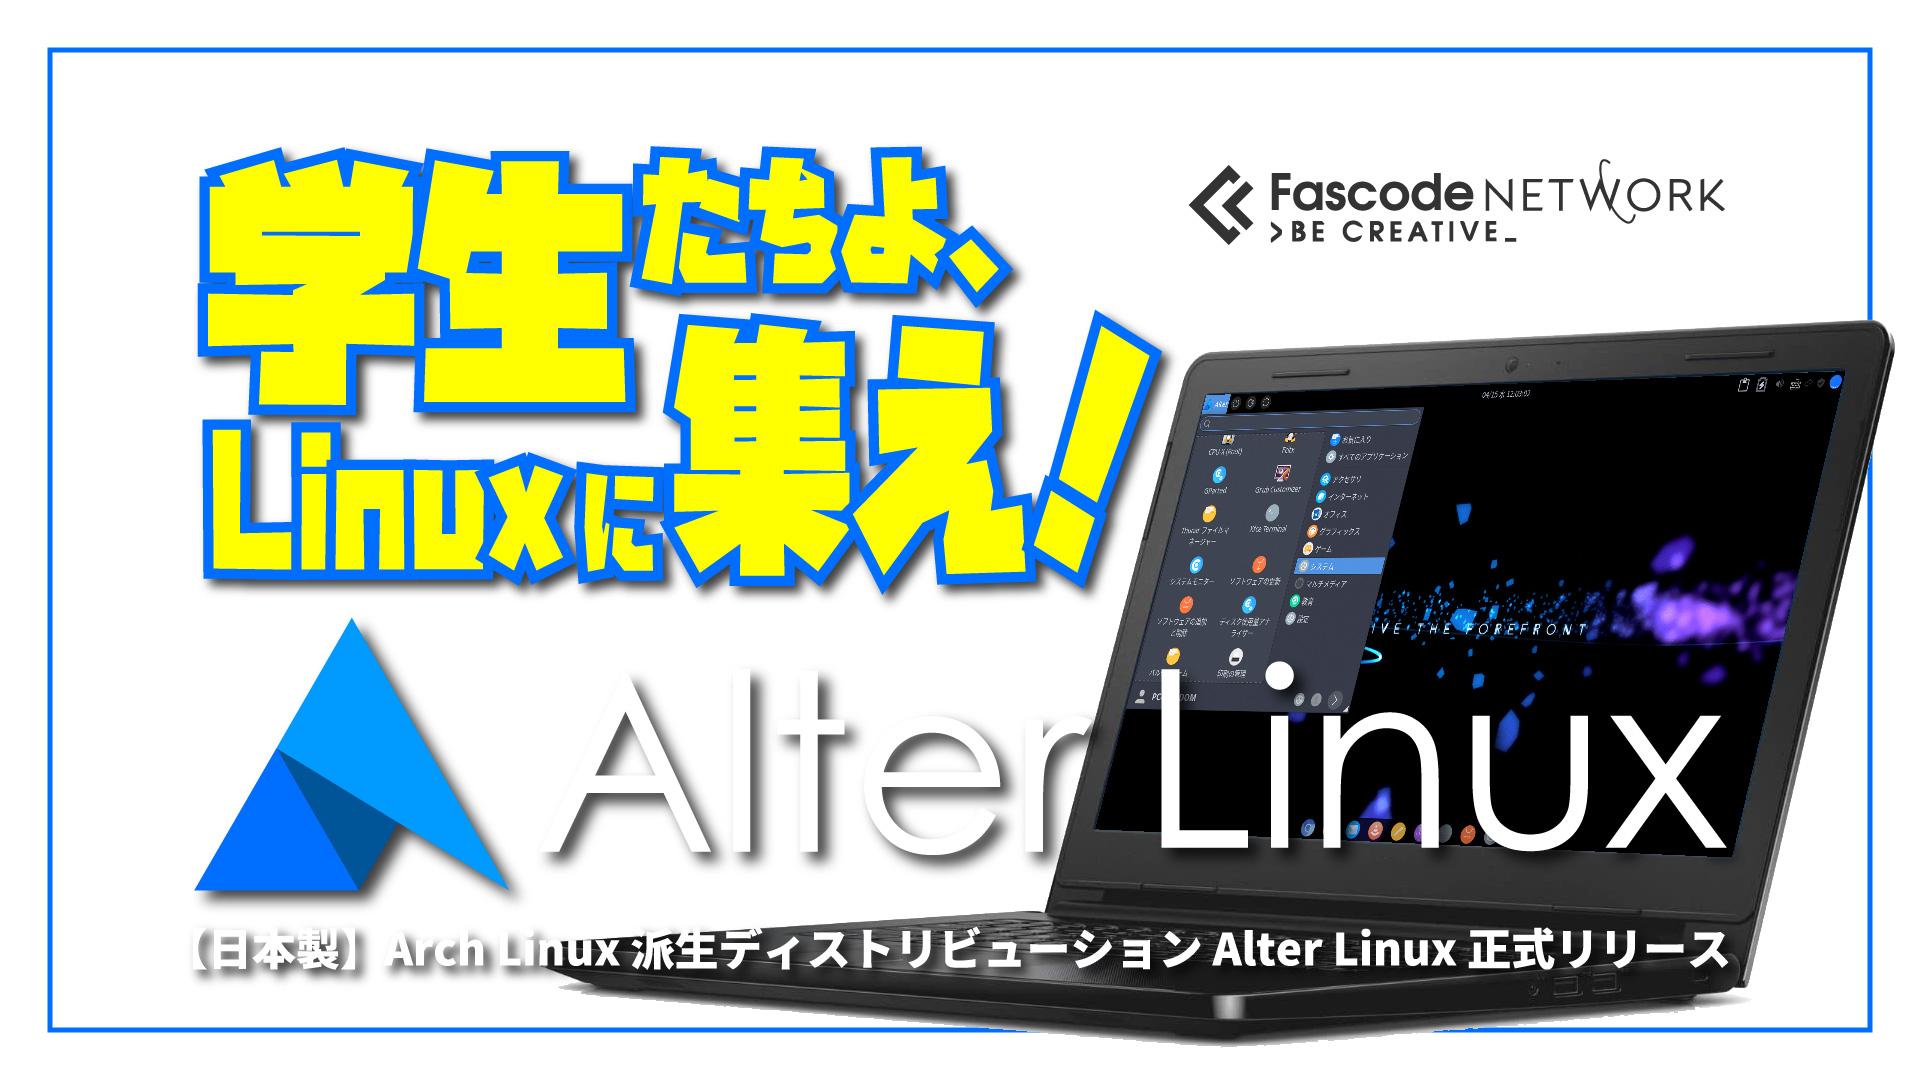 【日本製】Arch Linux 派生ディストリビューション Alter Linux 正式リリース ~学生たちよ、Linux に集え!~